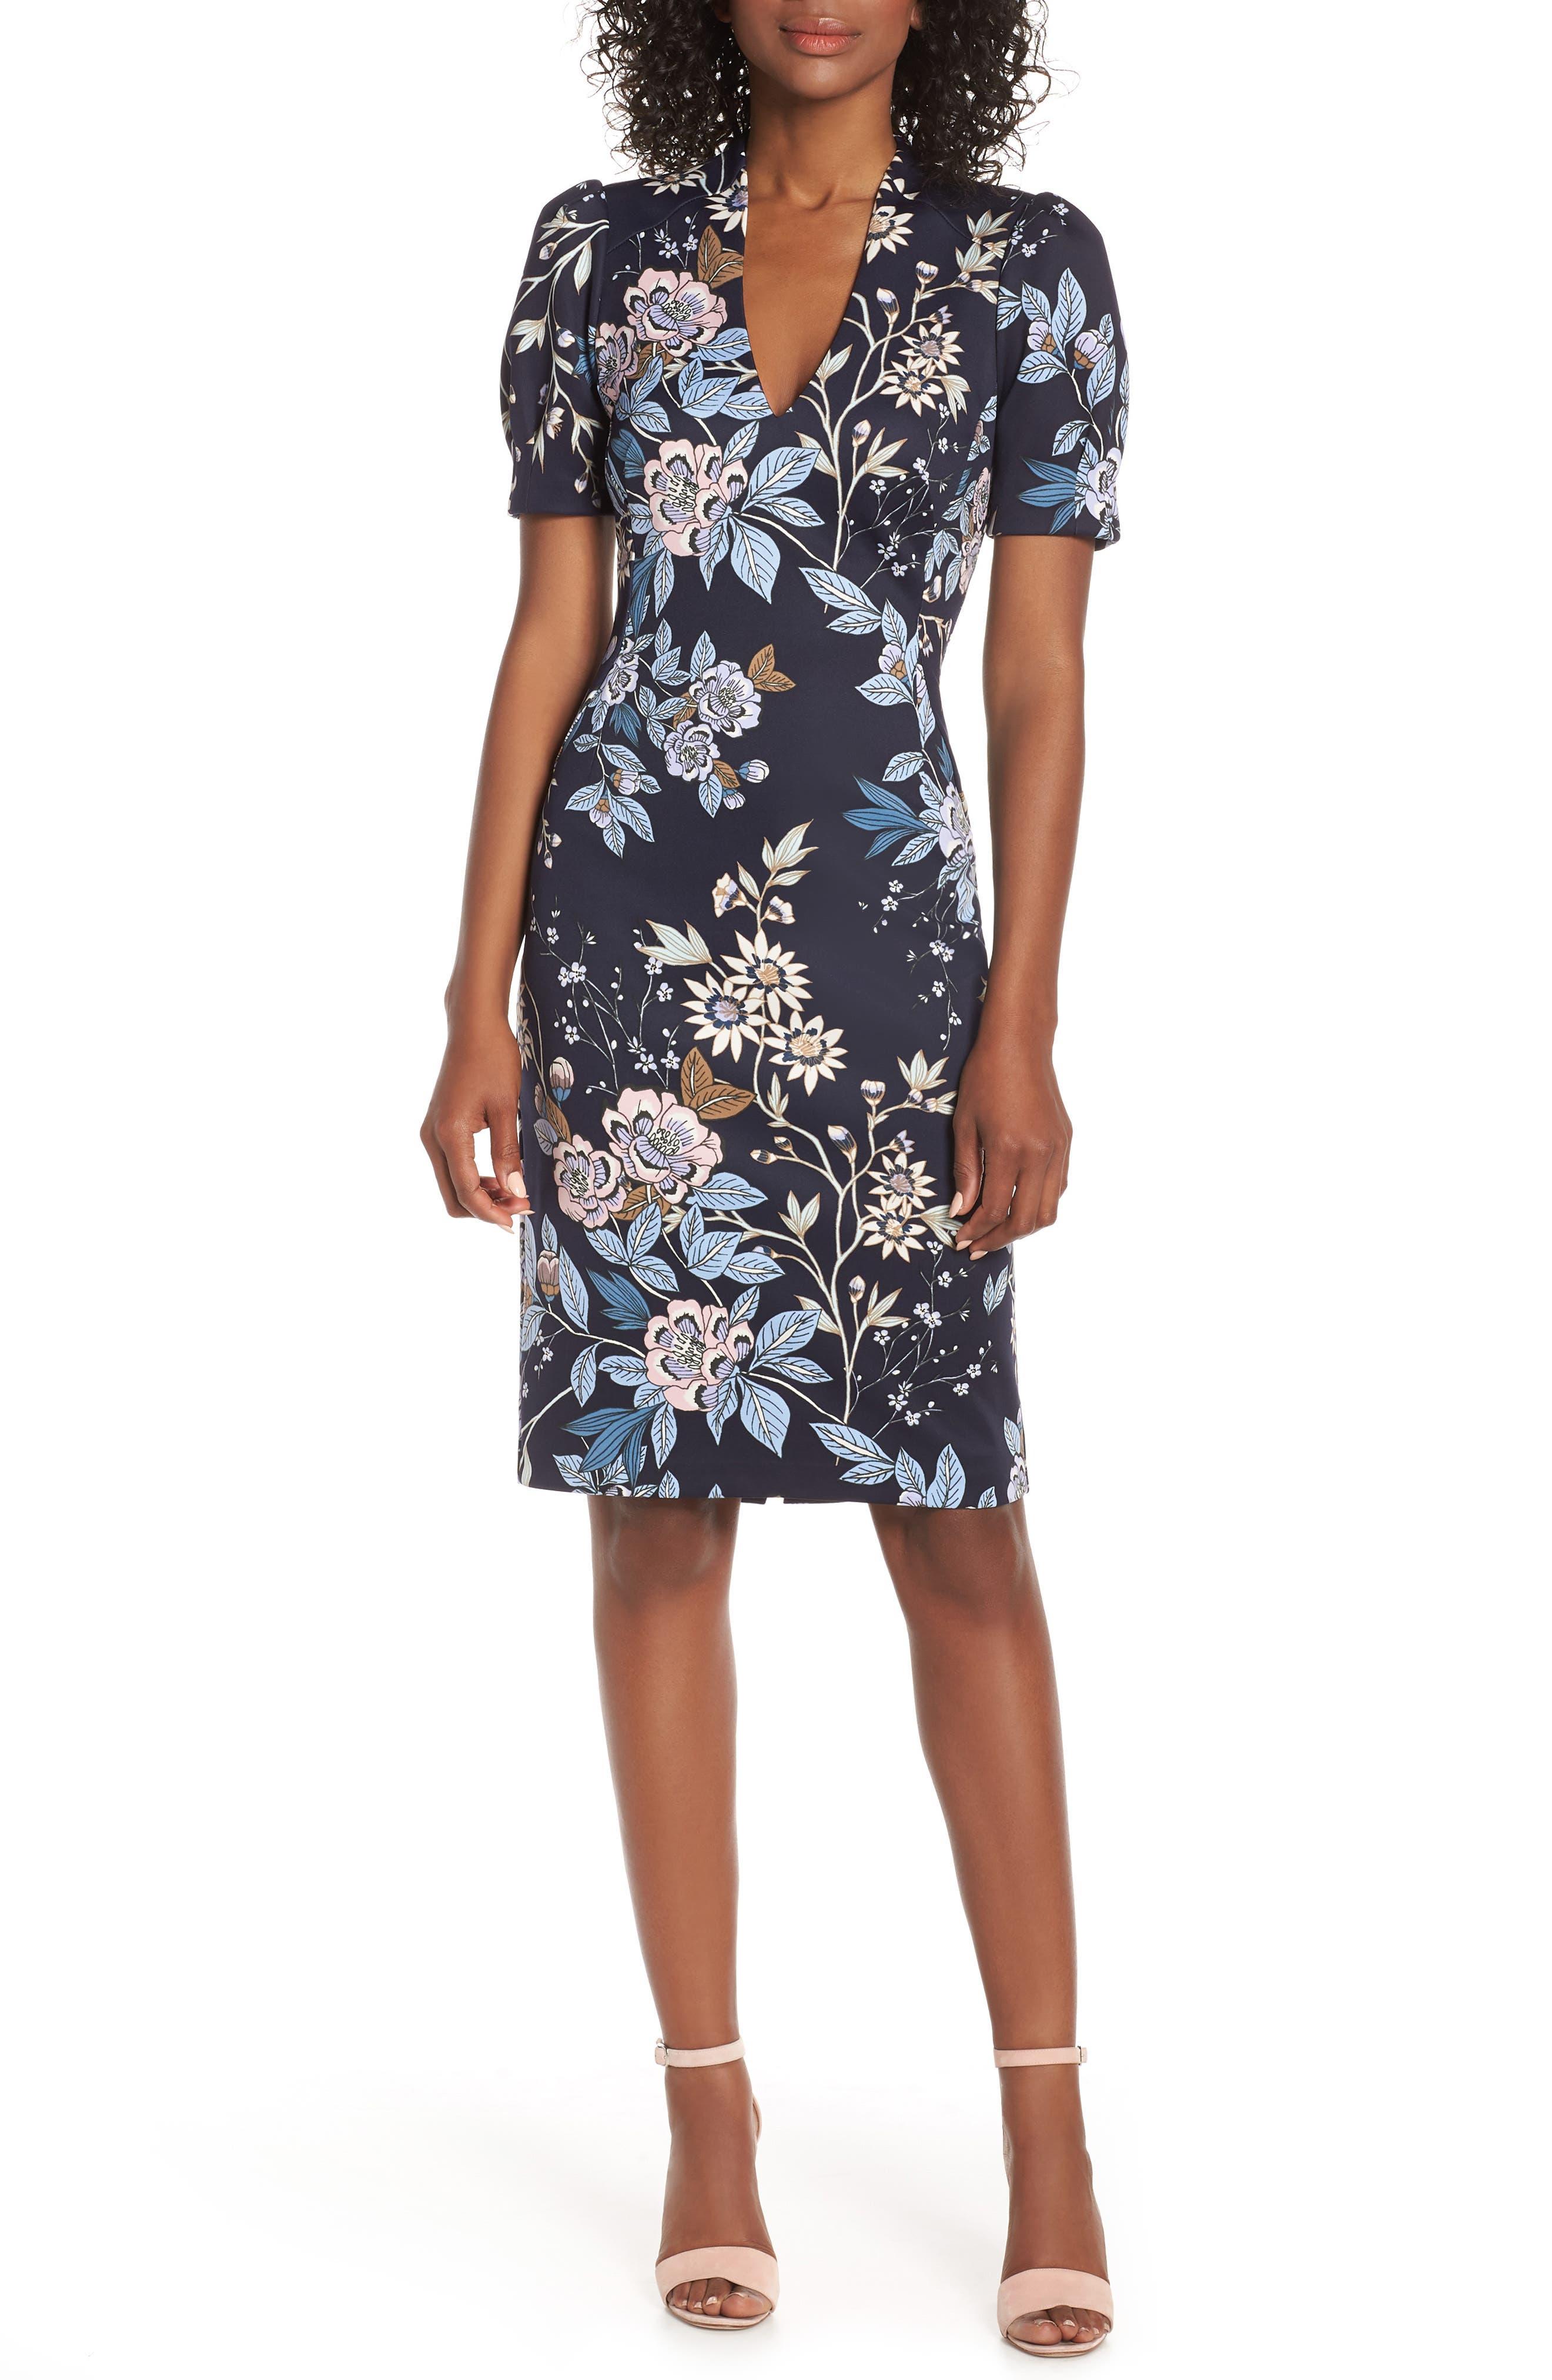 Vince Camuto Floral Print Scuba Crepe Sheath Dress